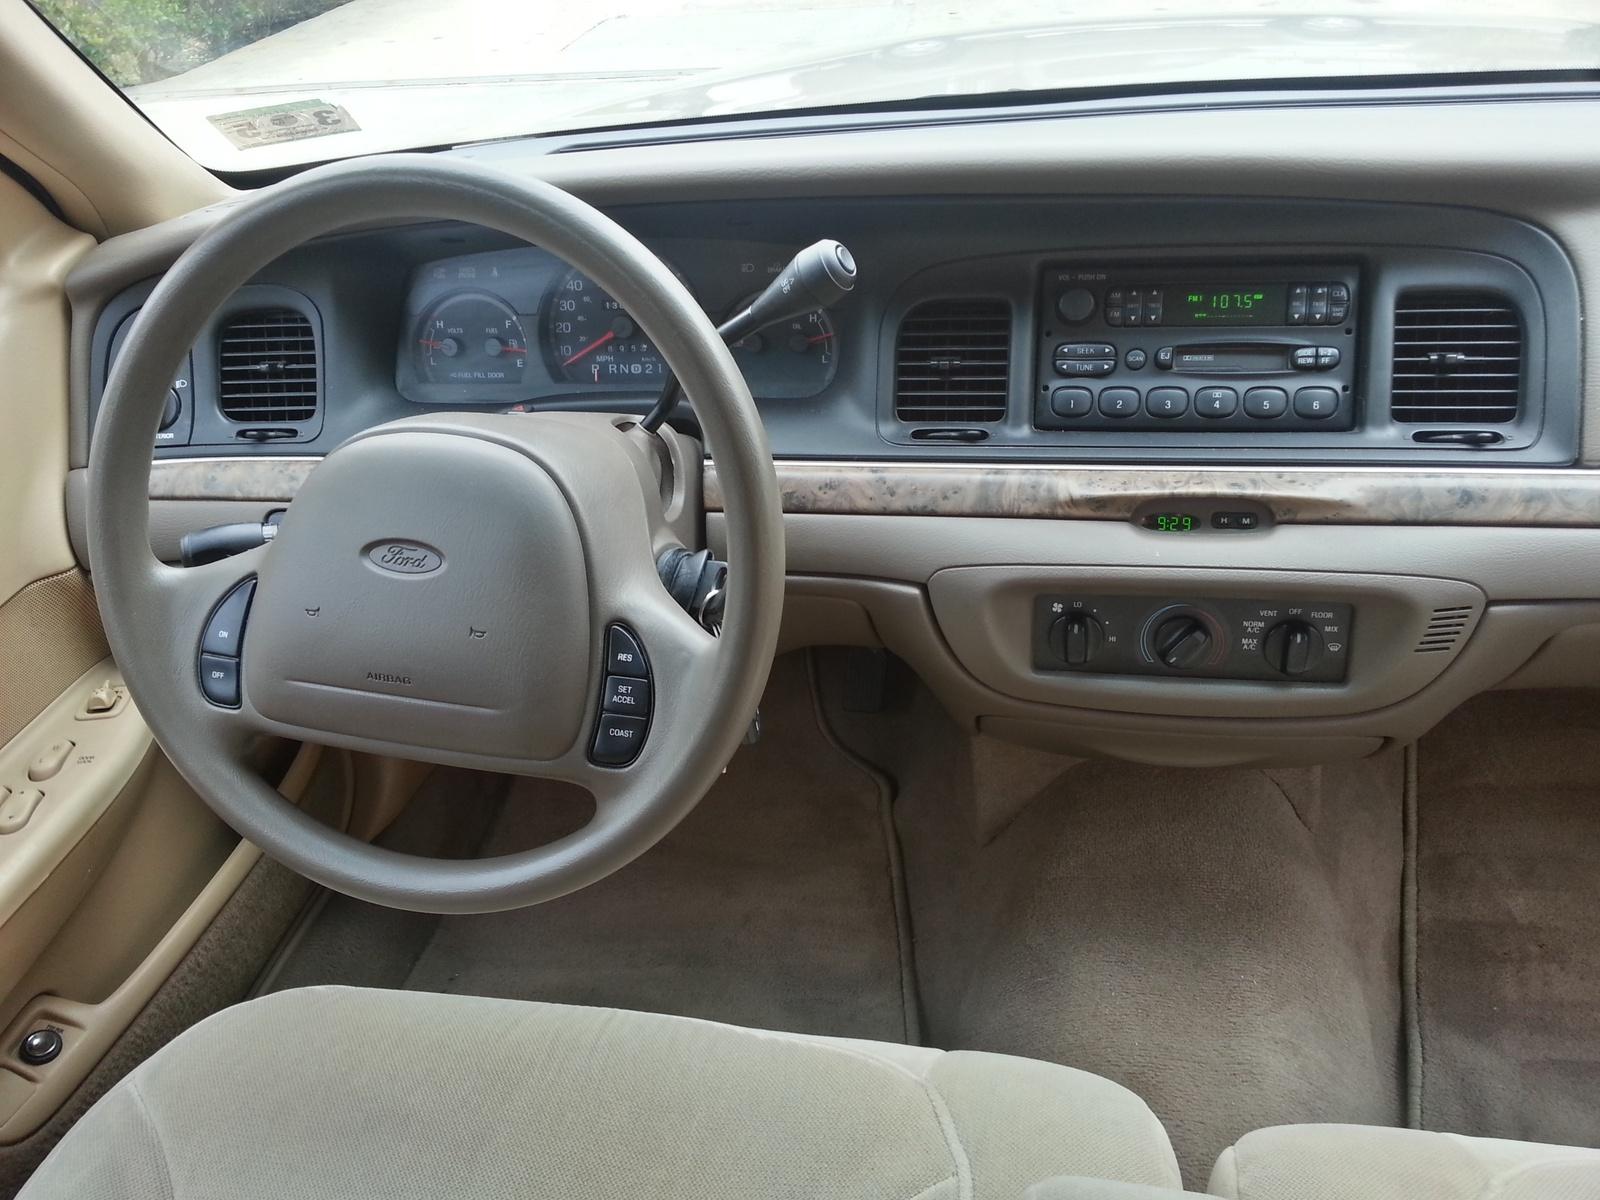 1998 Ford Crown Victoria Interior Pictures Cargurus